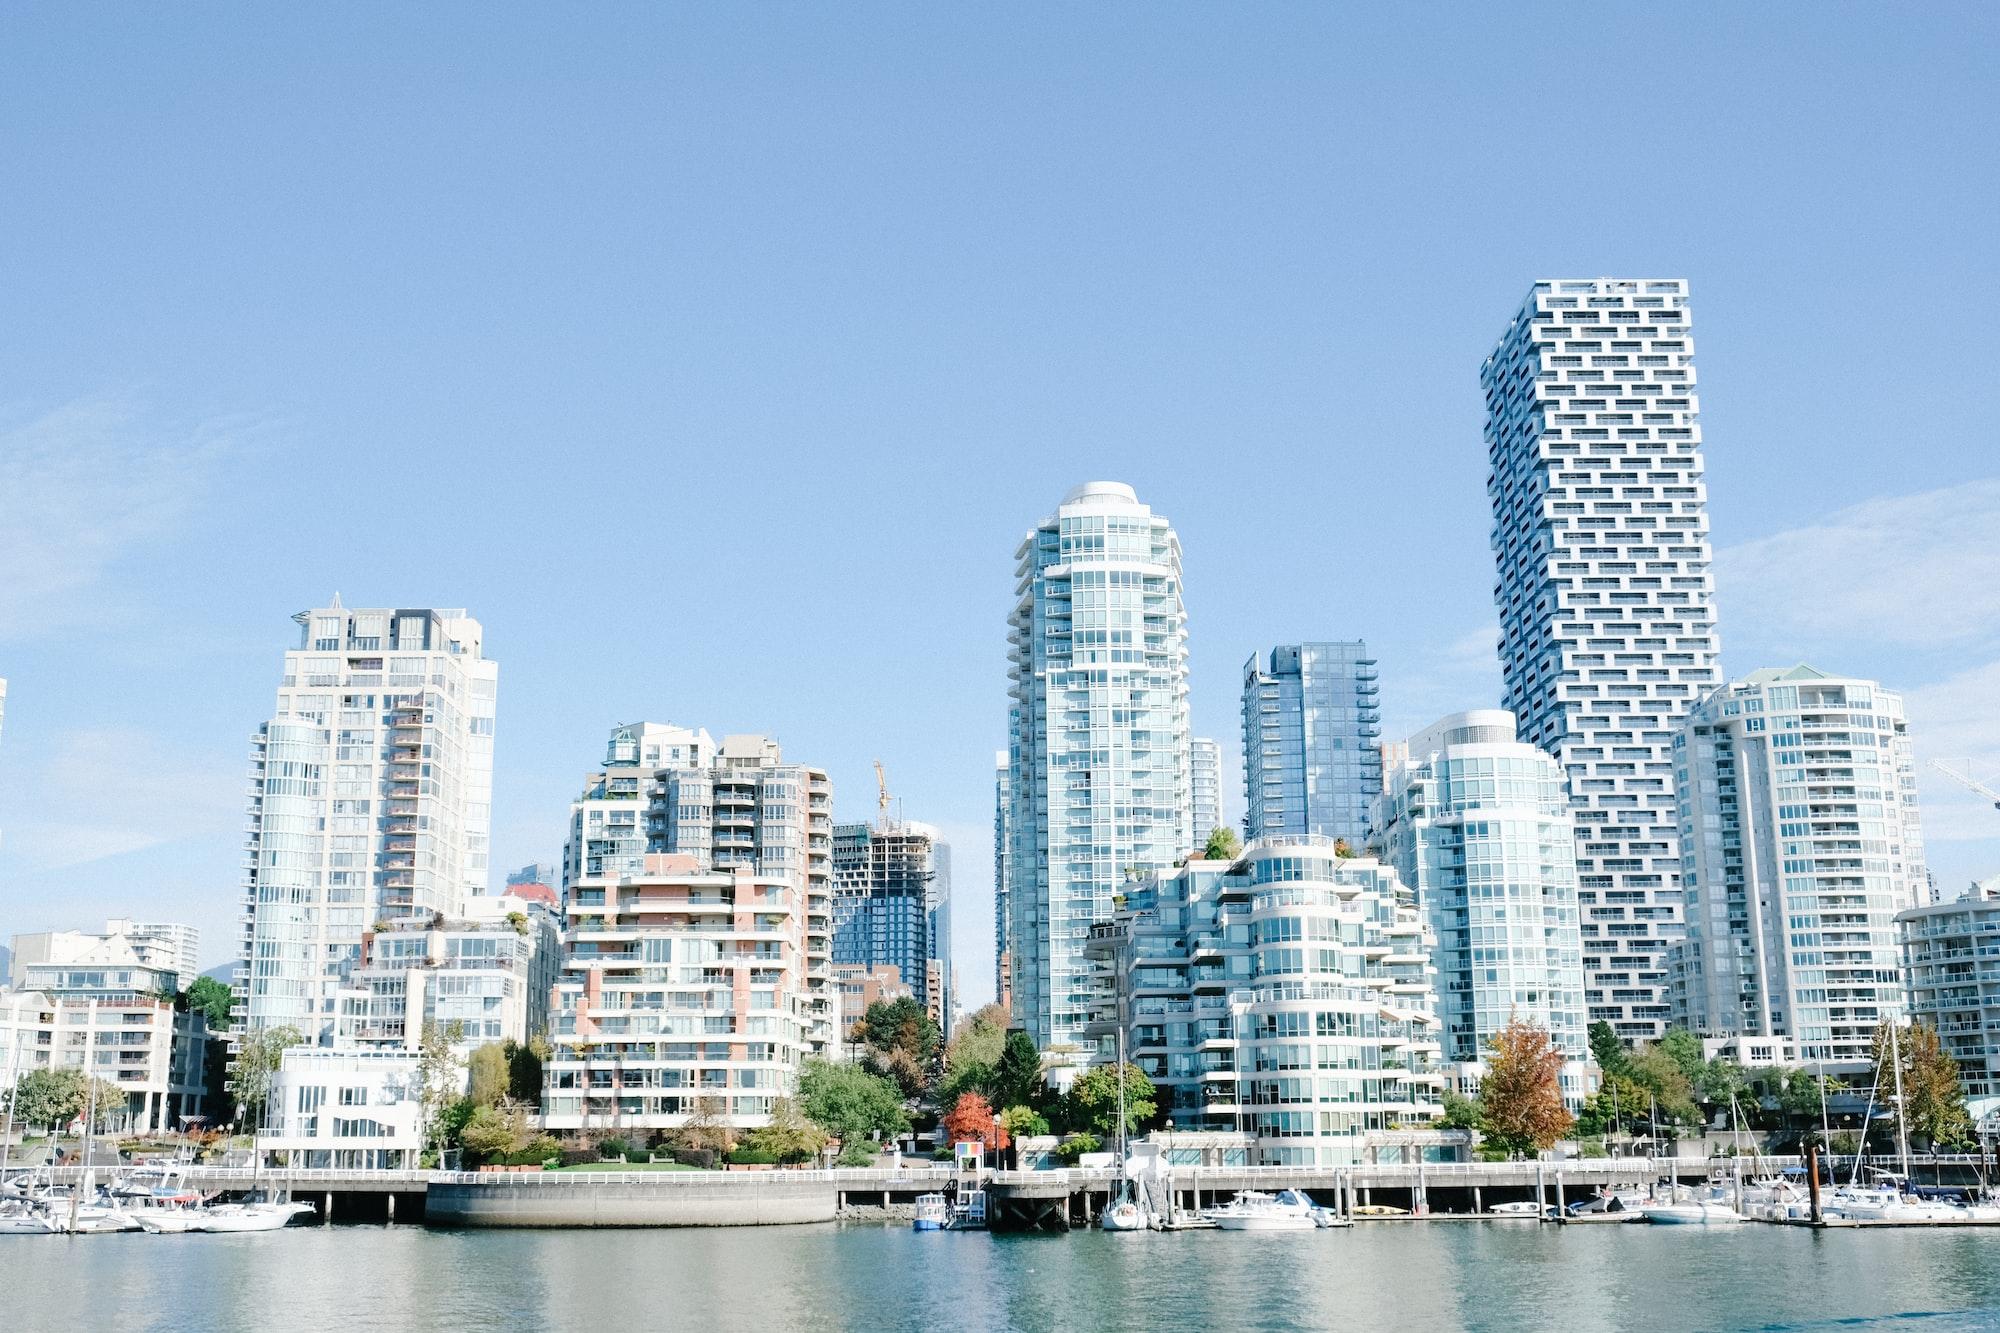 定居温哥华的梦想,被房价无情击碎